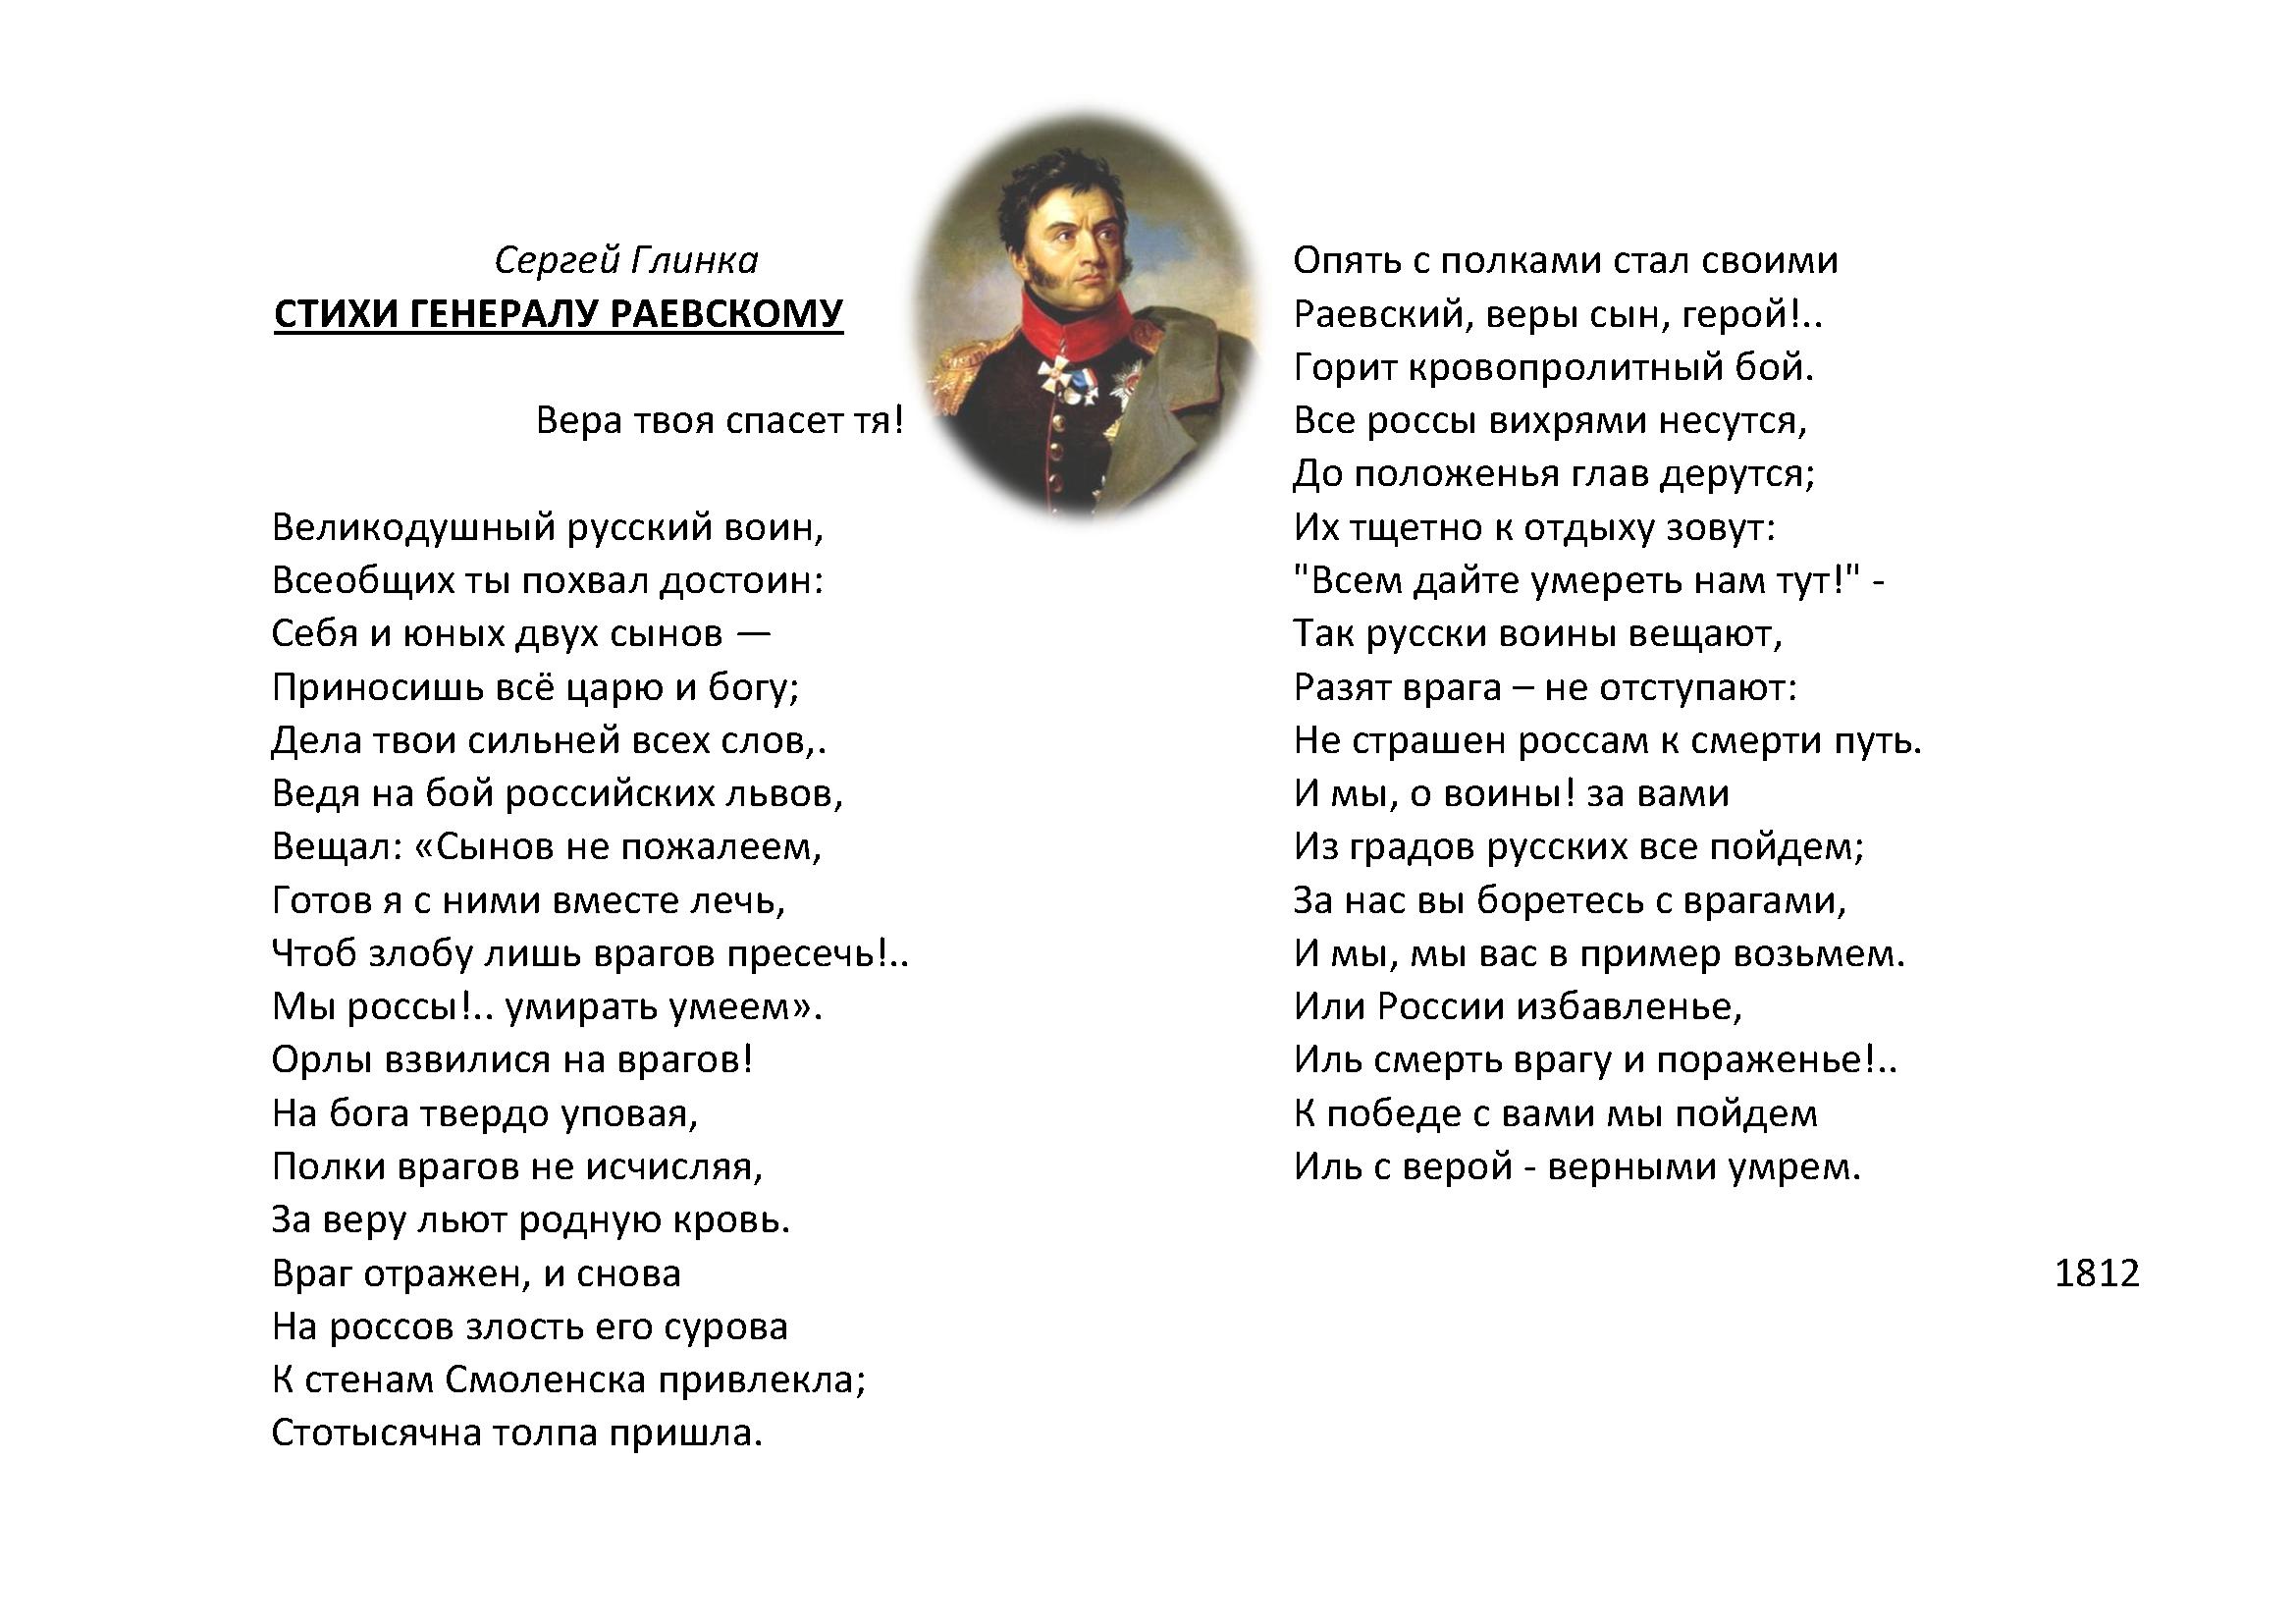 Лермонтов Бородино читать полностью стихотворение рекомендации